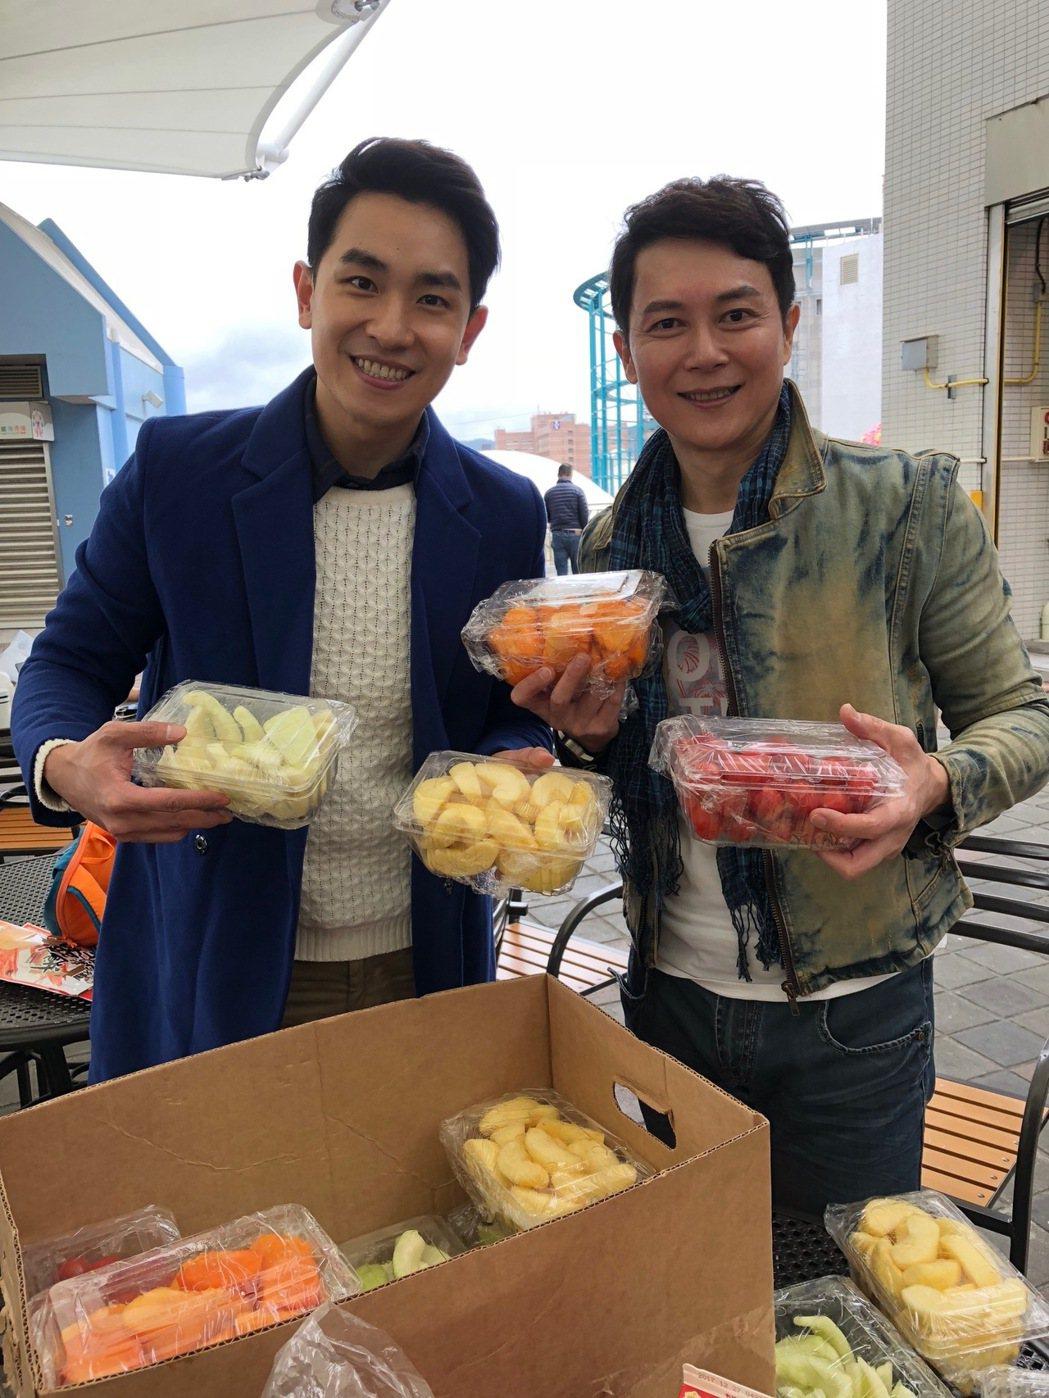 陳謙文(左)、王燦捧自家賣的水果,分享給小朋友們。圖/民視提供